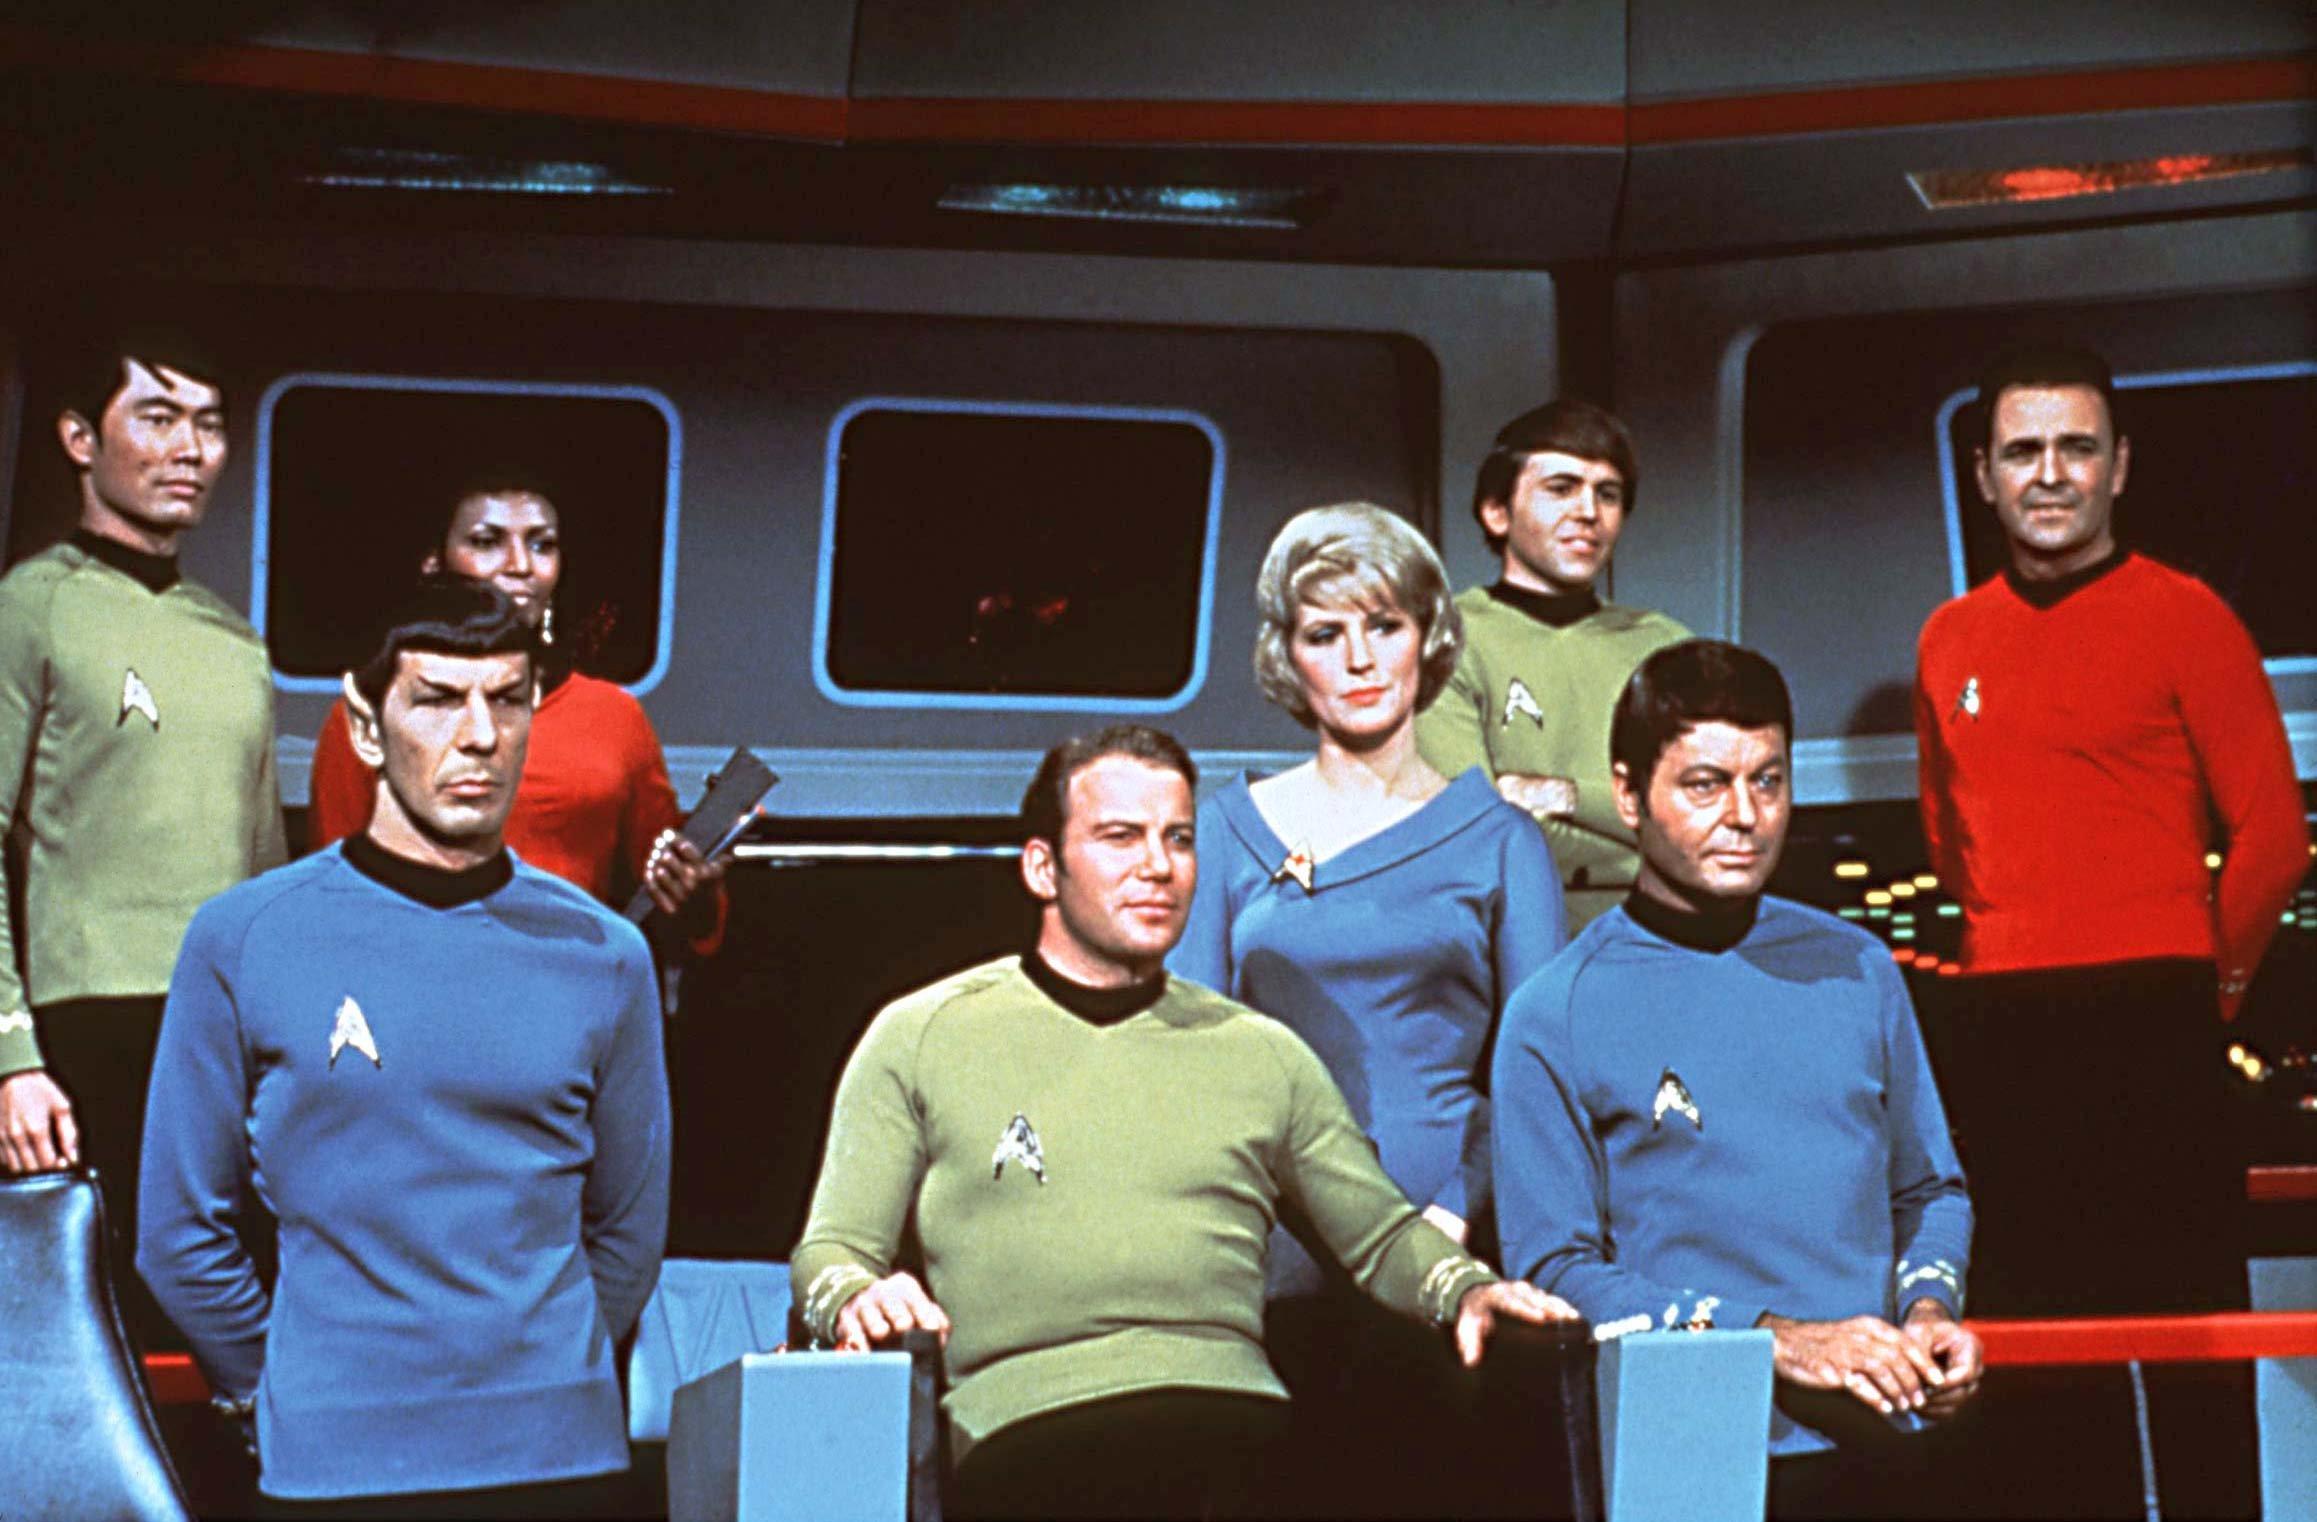 ARCHIV - Die Crew des Raumschiffes USS Enterprise auf der Brücke in einer Szene der gleichnamigen Serie: (l-r) George Takei